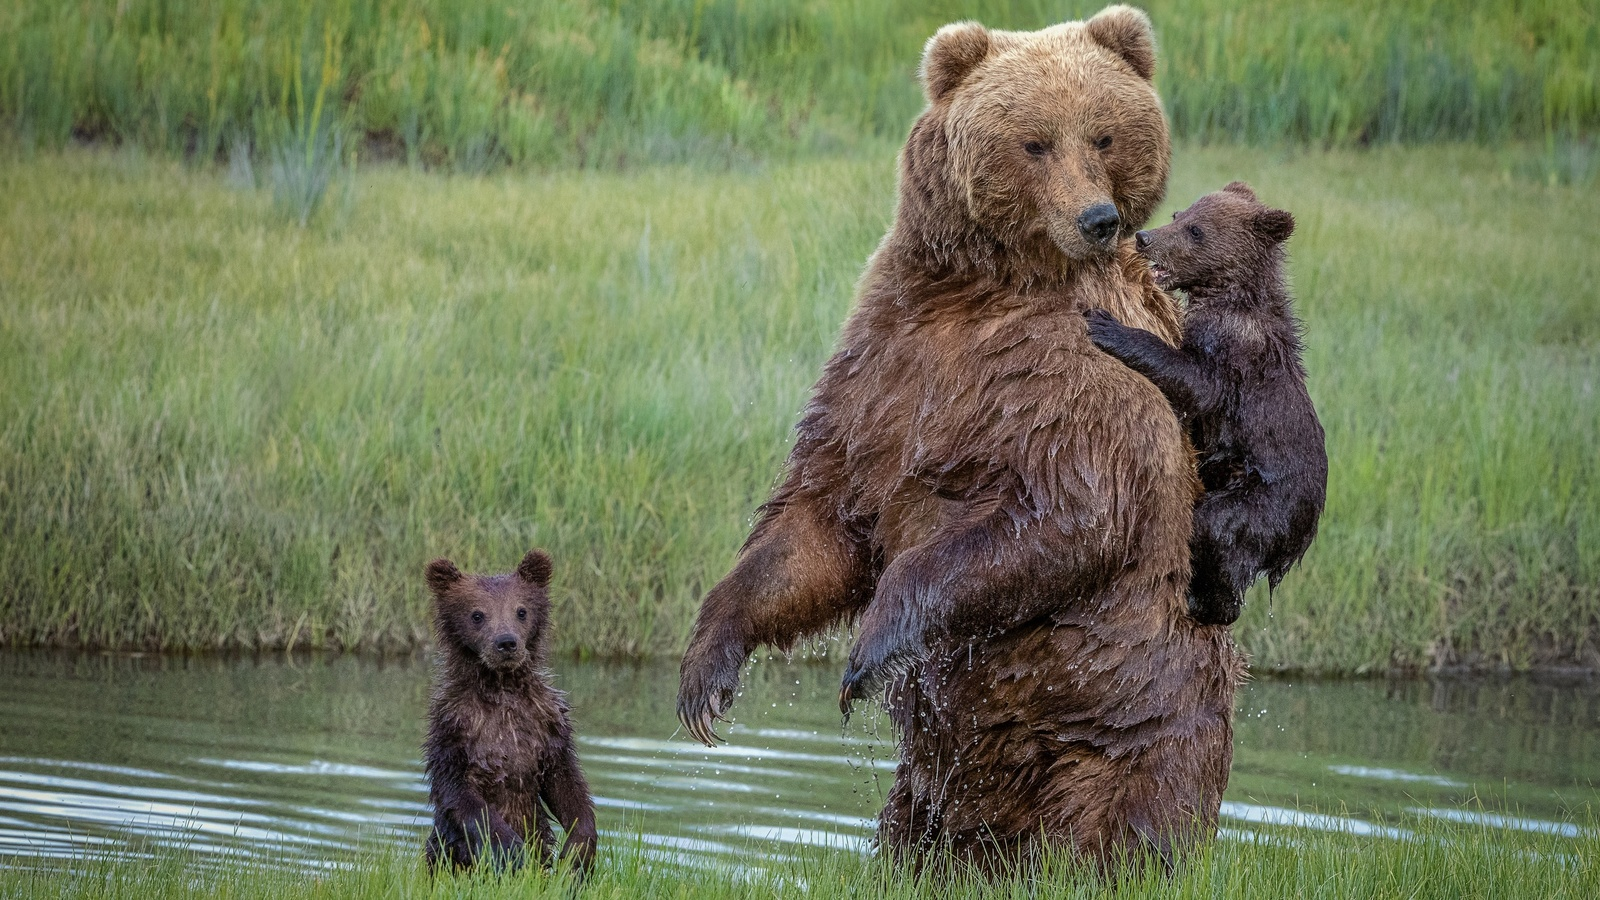 животные, хищники, медведи, медведица, медвежата, детёныши, три медведя, природа, река, трава